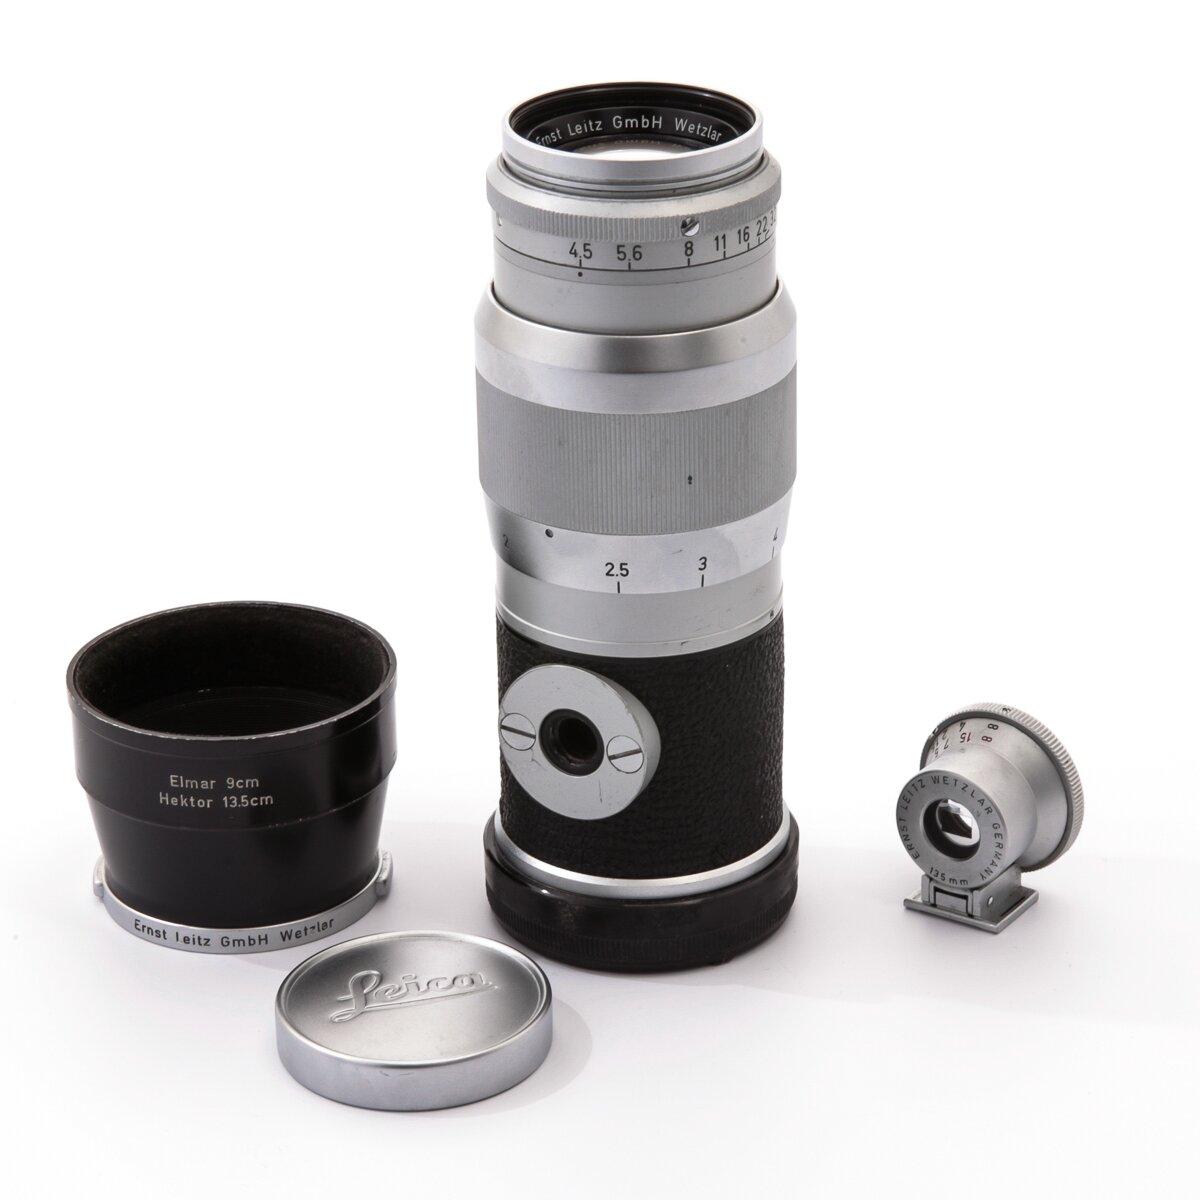 Leica M 1:4,5/13,5cm Hektor mit Sucher